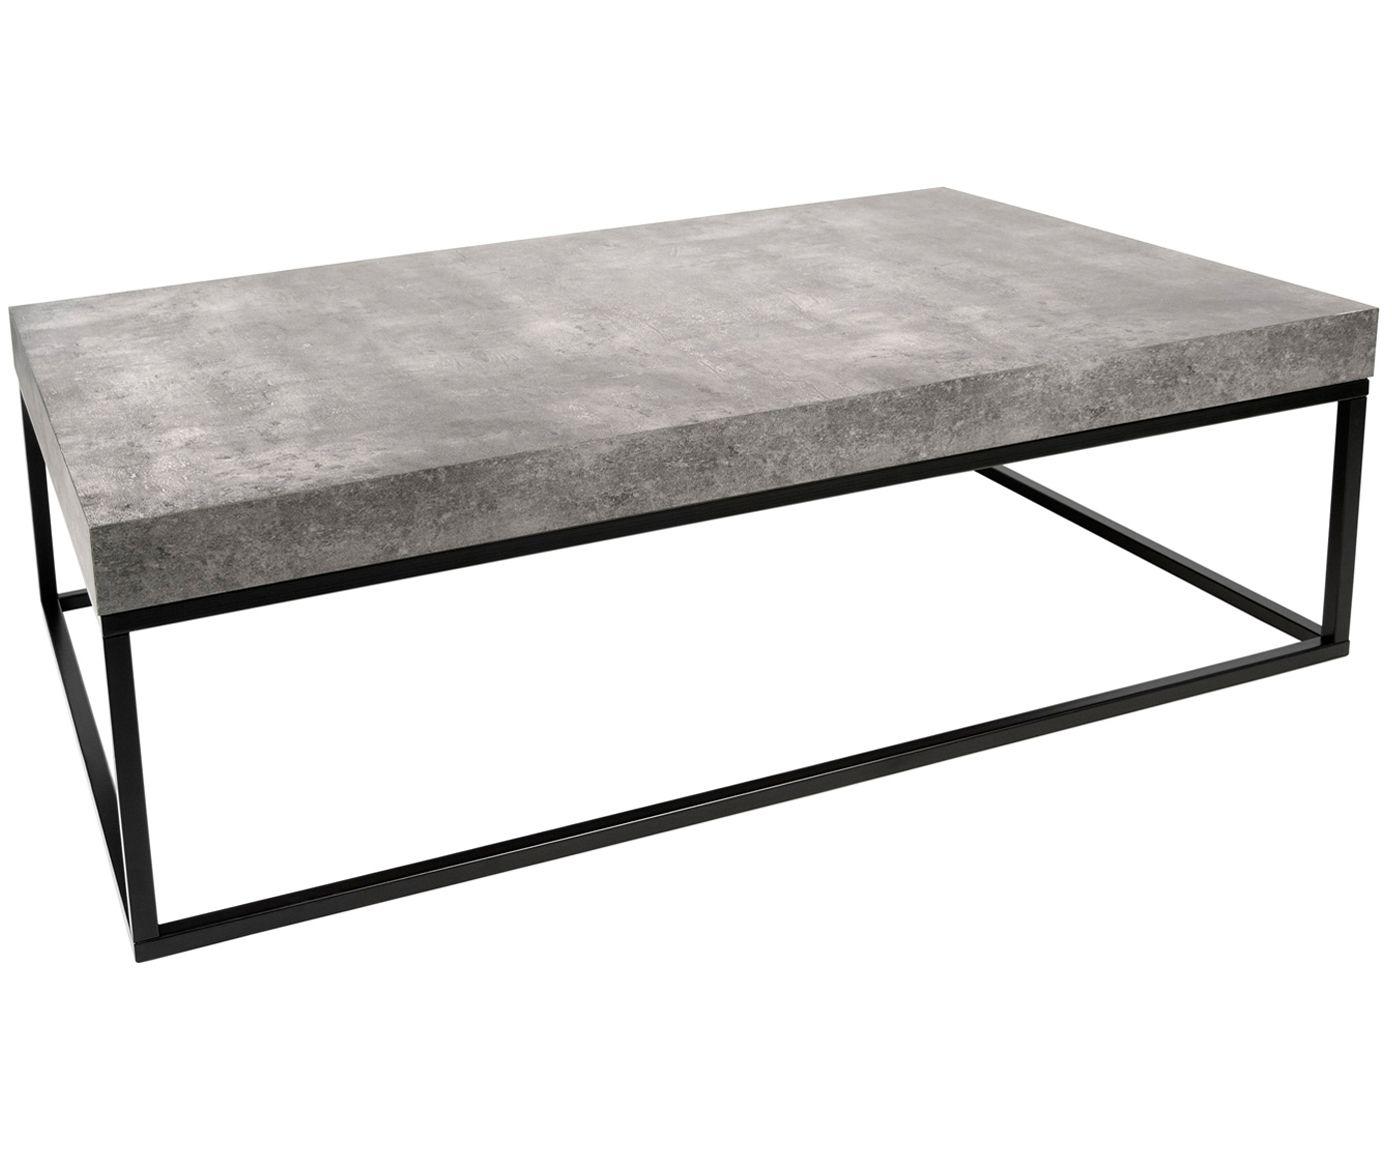 die schwarzen feinen tischbeine sind durch einen rahmen verbunden und bilden das gestell fur die graue tischplatte in beton optik